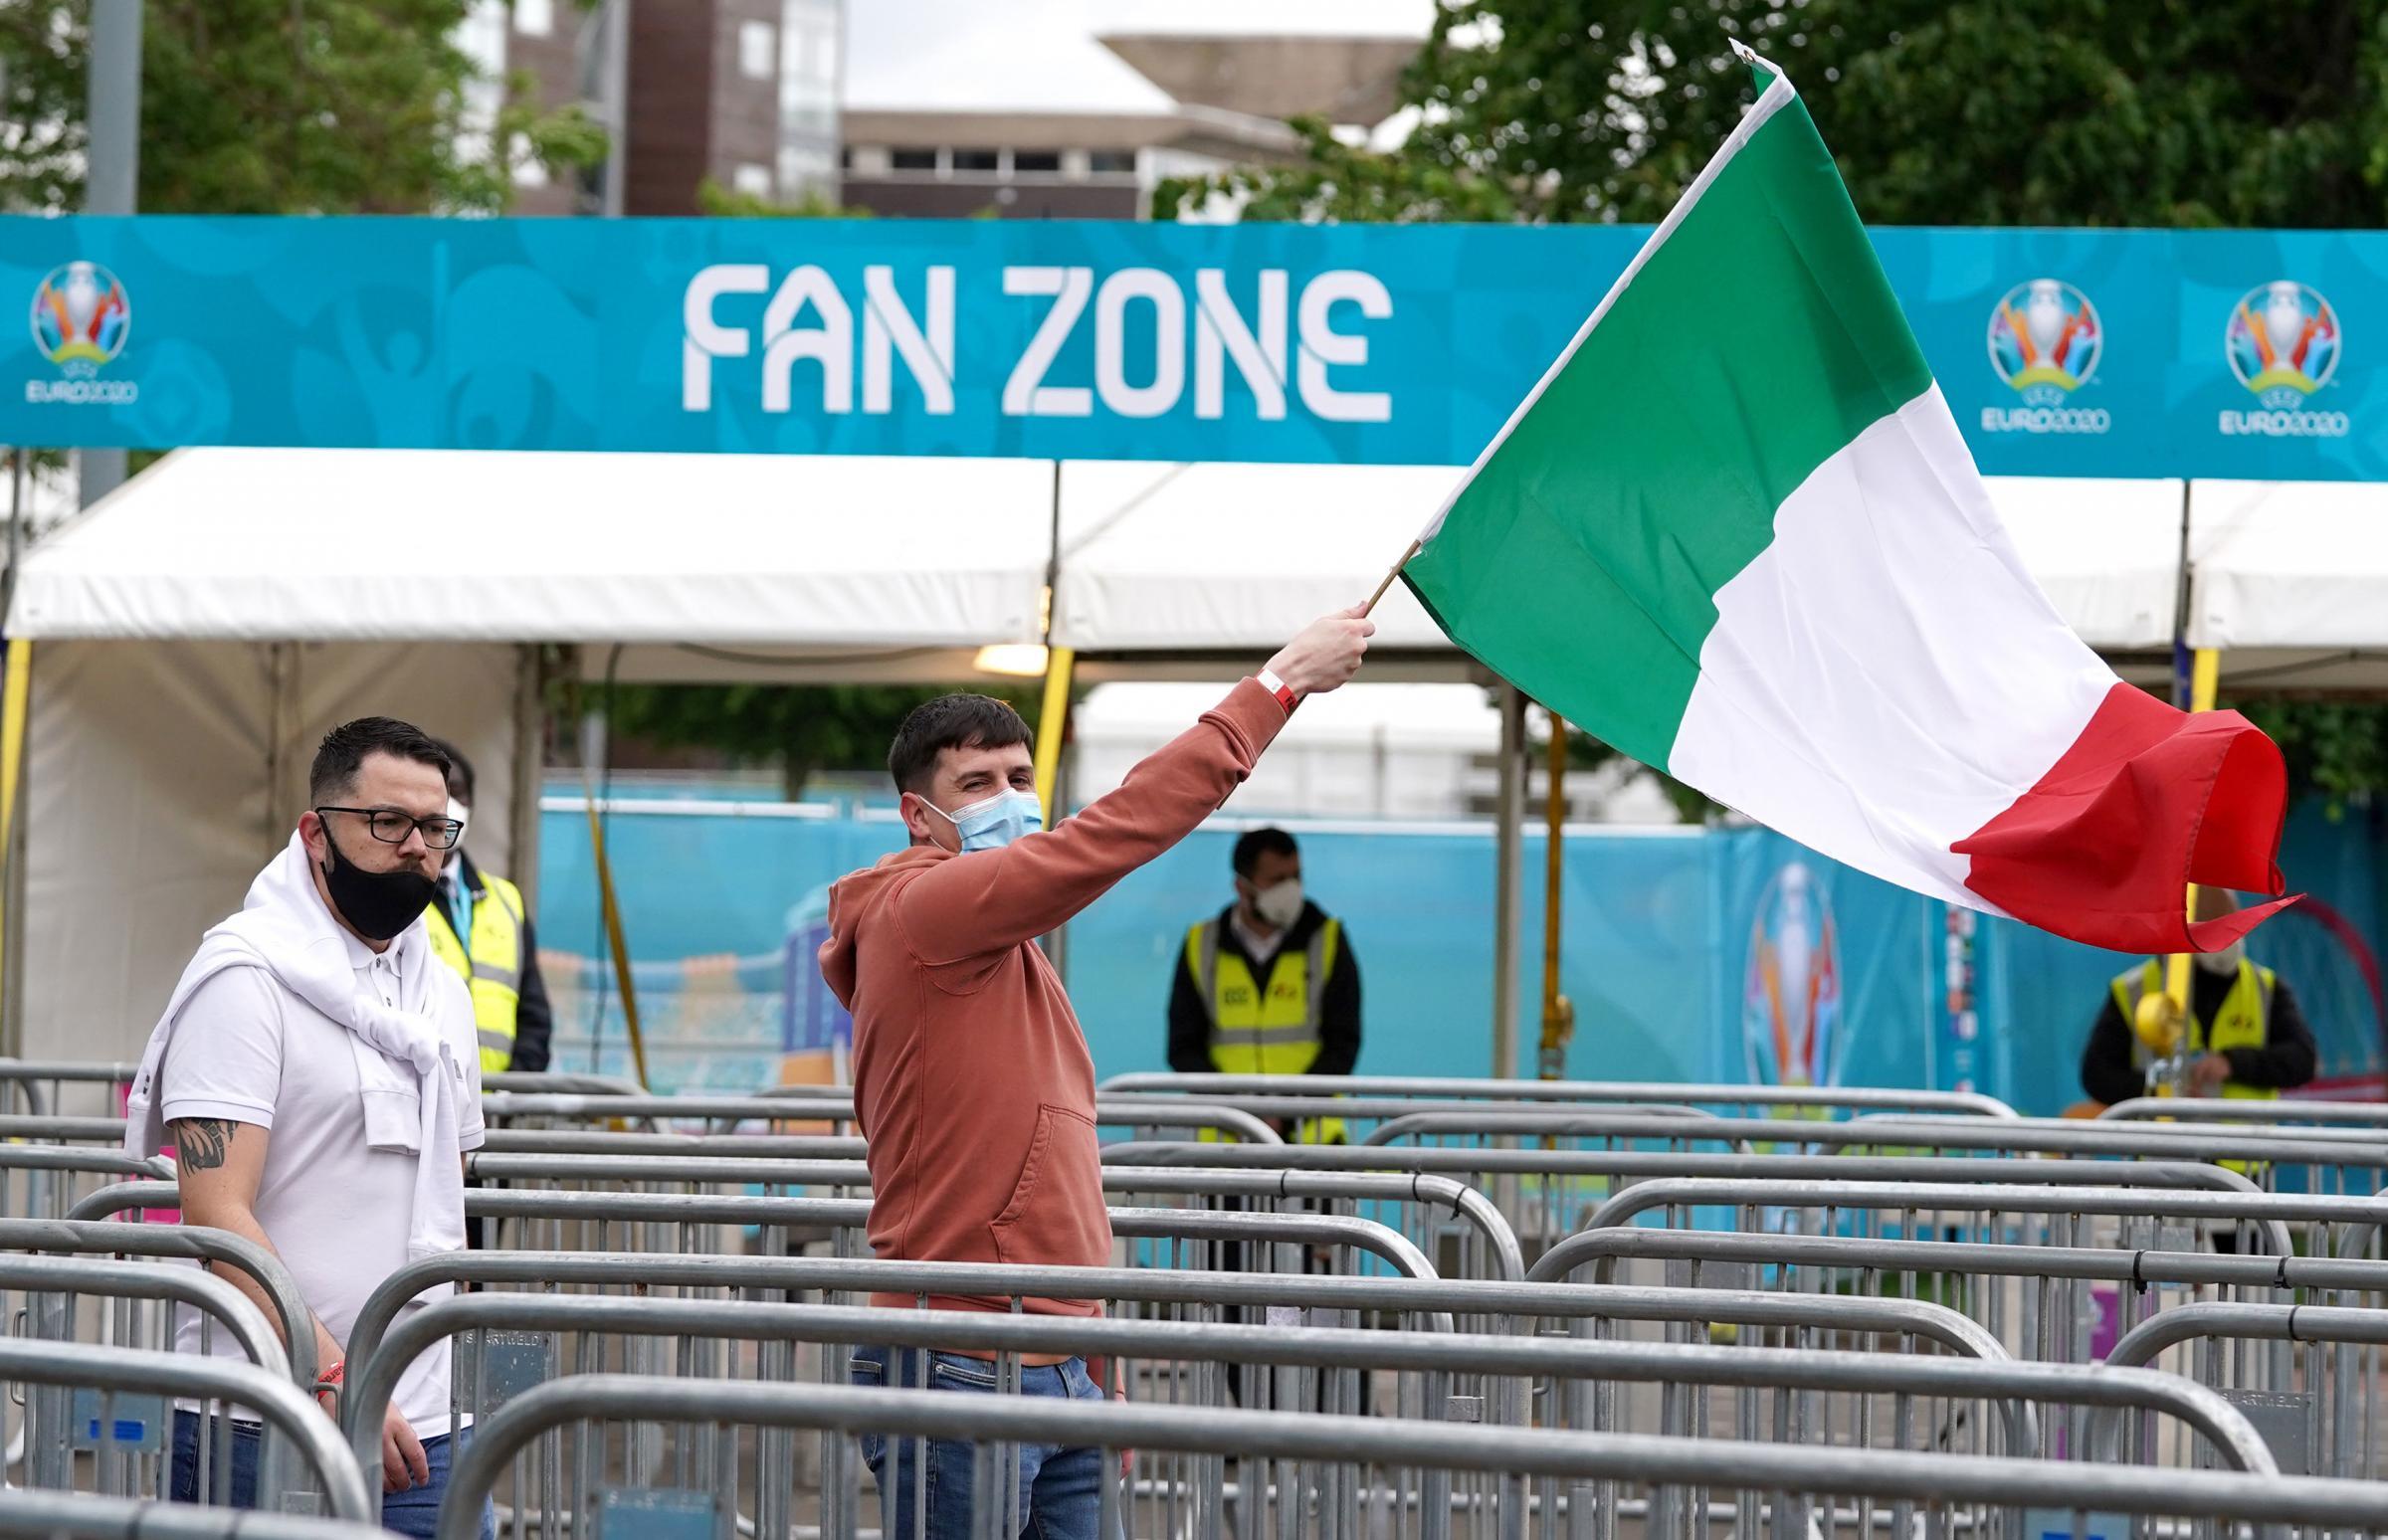 Scotland Euro 2020: Fans begin to arrive at Fan Zone